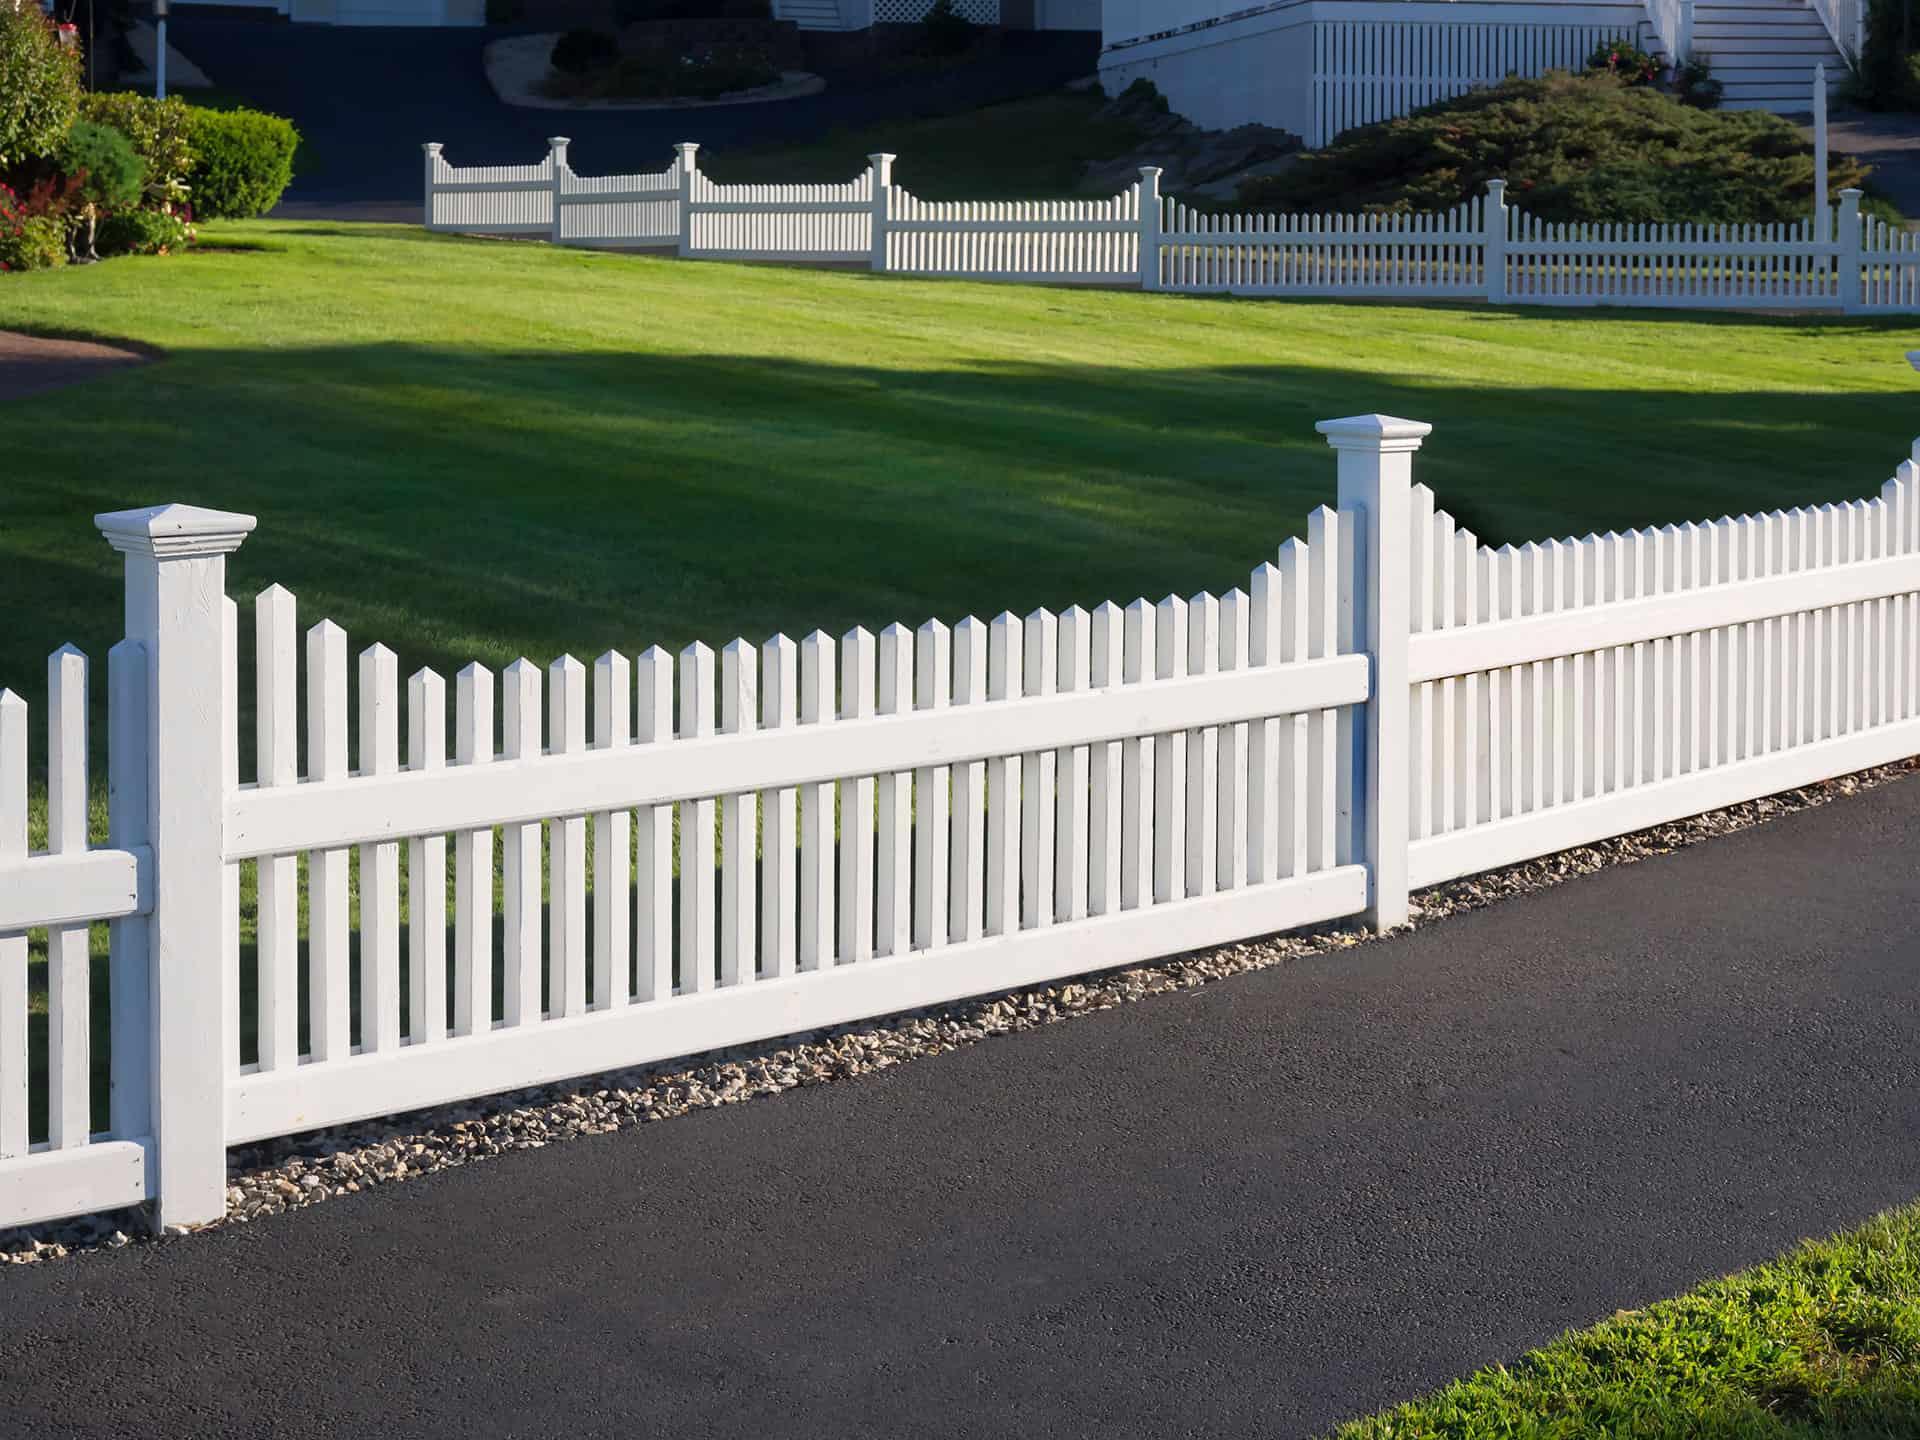 High Quality Fence - San Diego Fence Installation